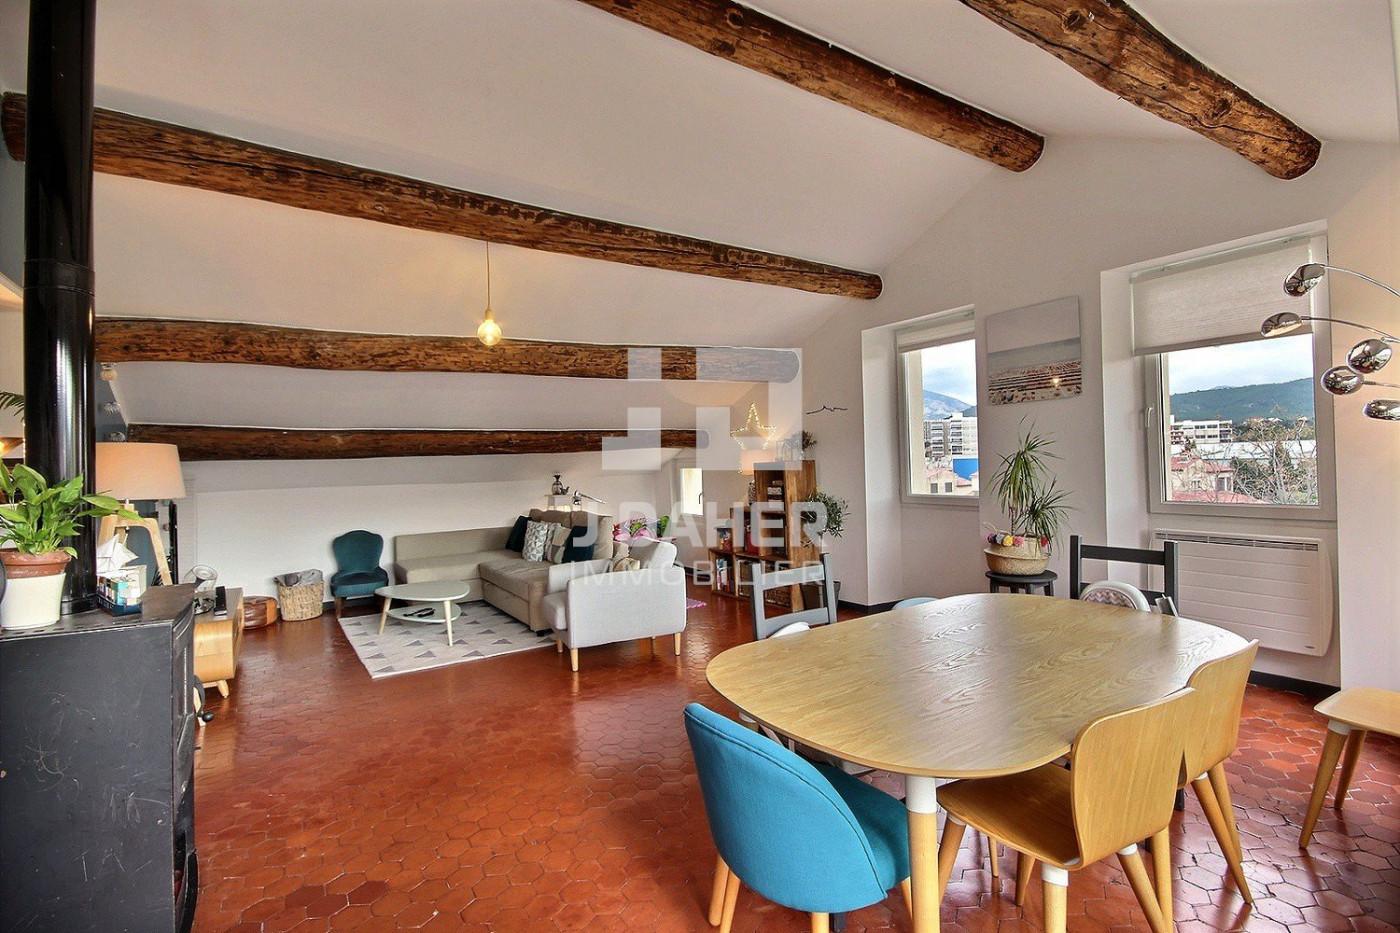 A vendre  Marseille 9eme Arrondissement | Réf 130251090 - J daher immobilier